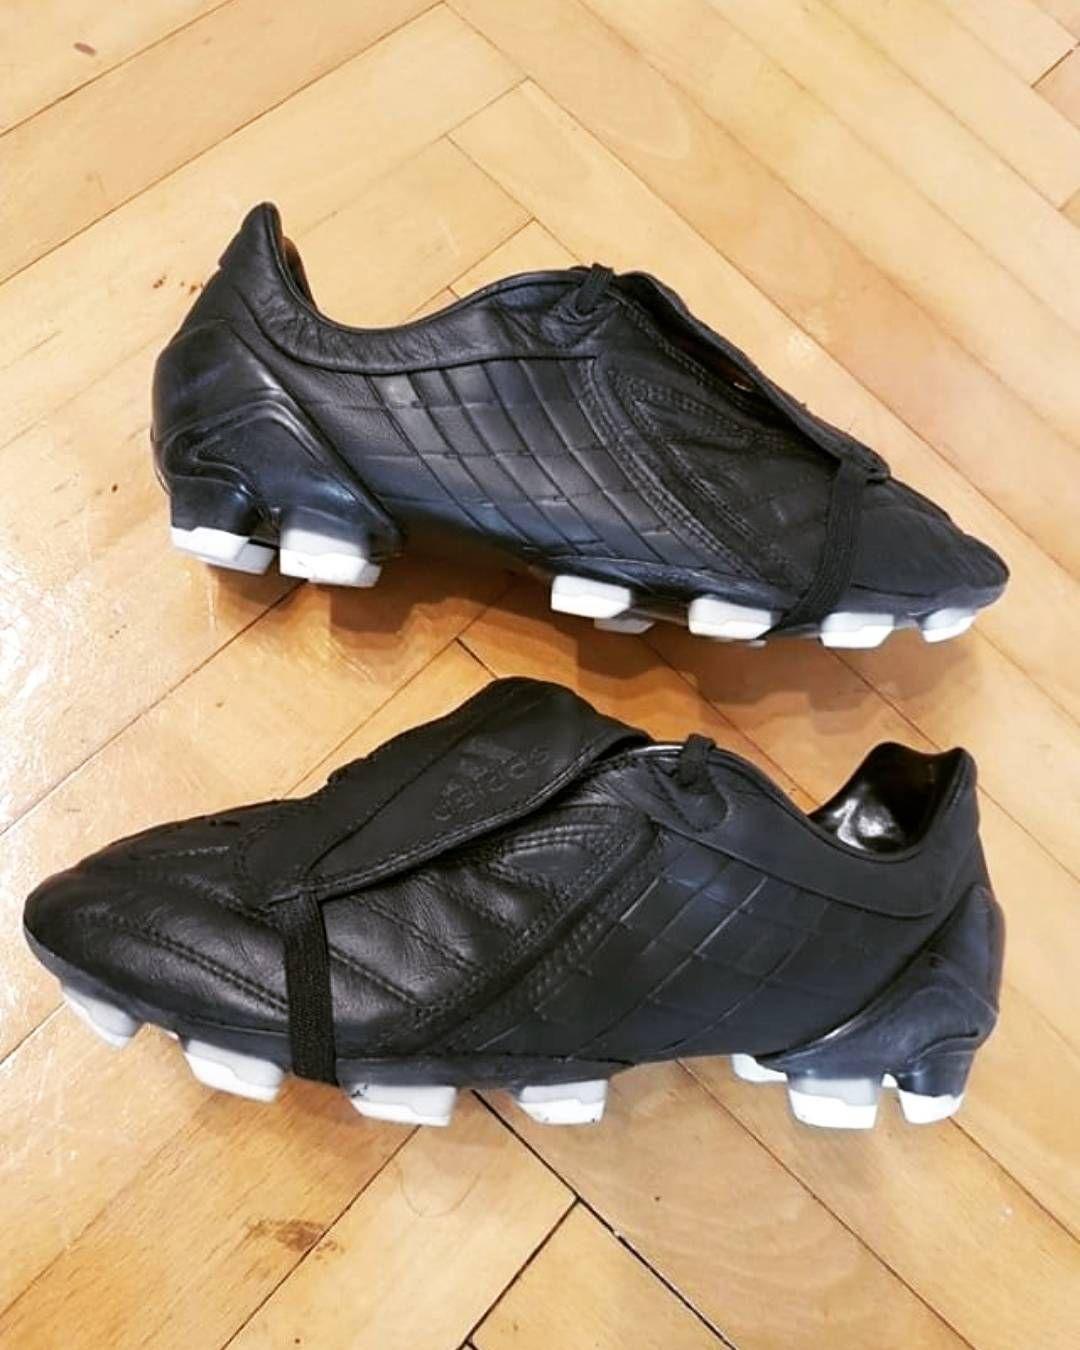 Adidas Predator Powerswerve Uk9 5 Fg Custom Blackout By Galaboots86 Dm Offers Or For More Pics Retroboots Predatormania Futbol Palomitas De Maiz